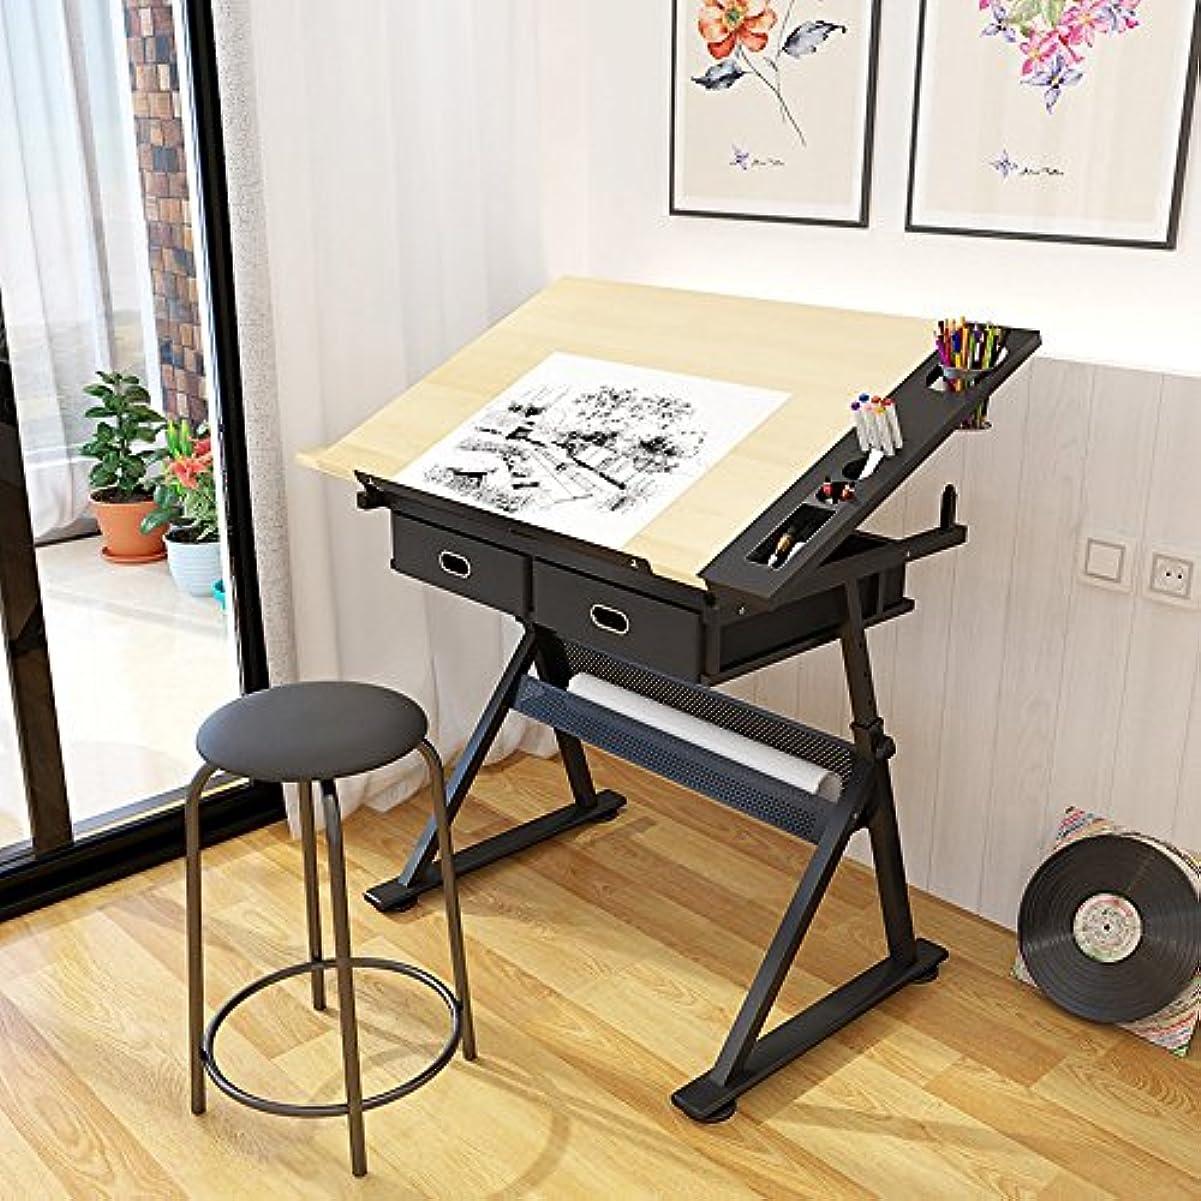 通知するカポック累積LJHA zhuozi 折りたたみテーブル/回転リフトダウン/角度調整/塗装テーブル/ライティングデスク/多機能テーブル